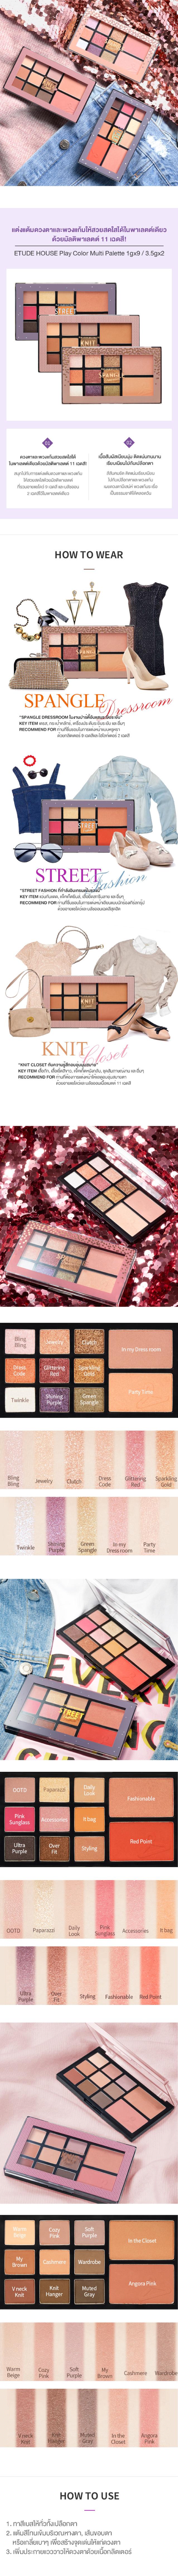 TH1_Description_Play-Color-Eye-Palette_w-01